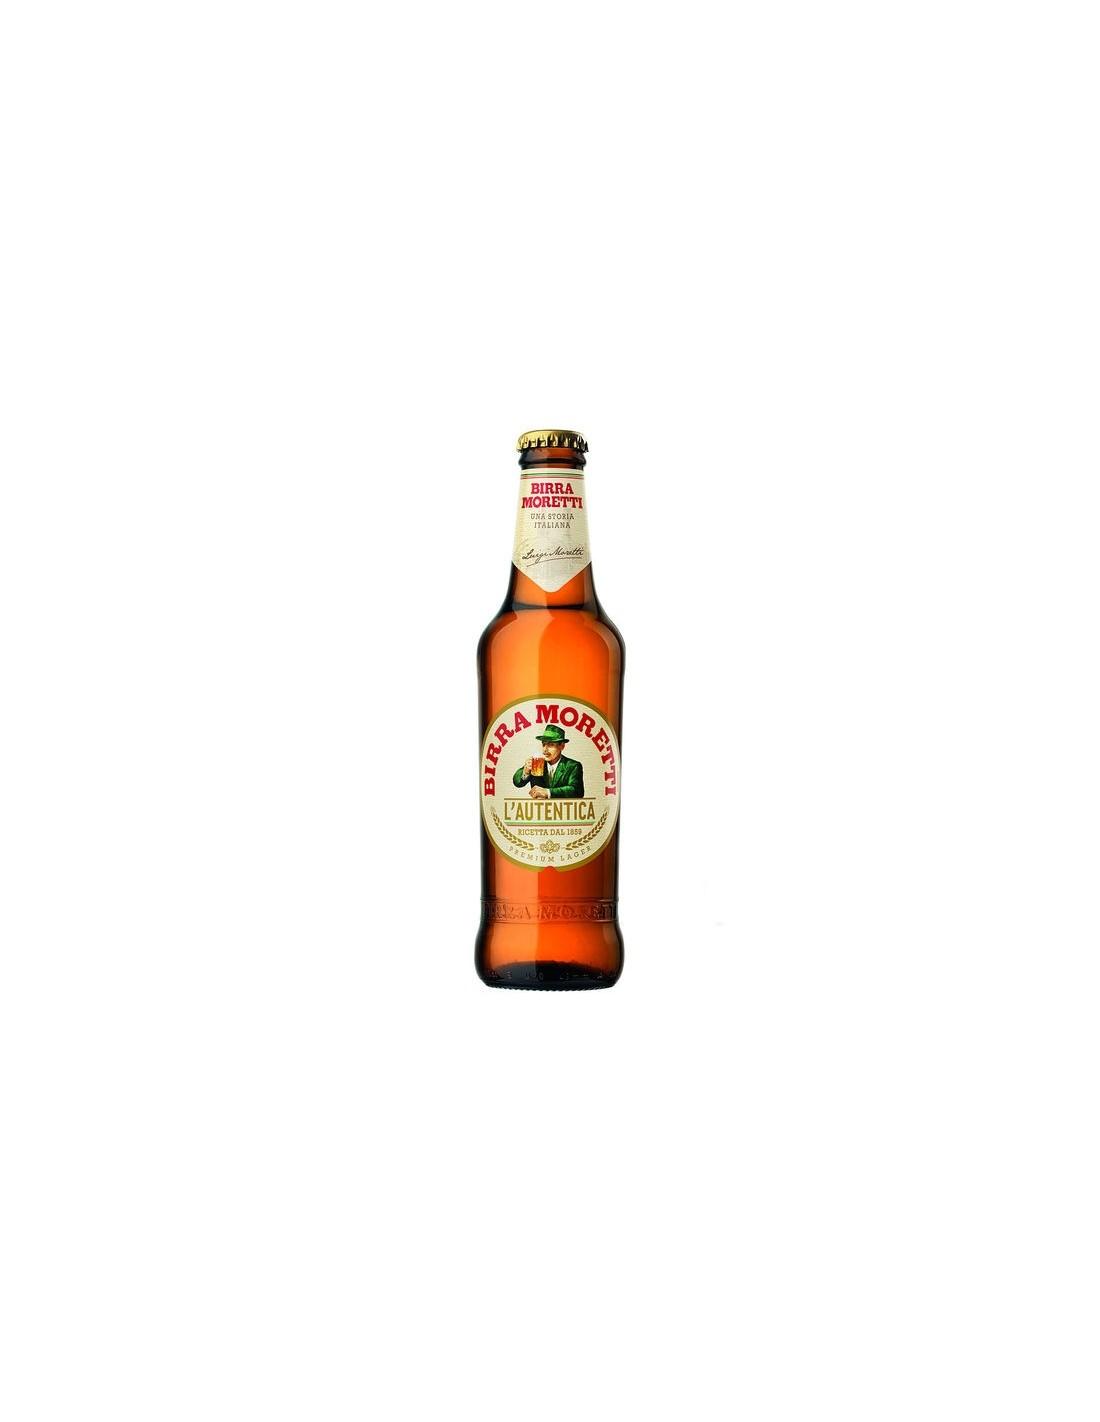 Bere blonda, Birra Moretti, 4.6% alc., 0.66L